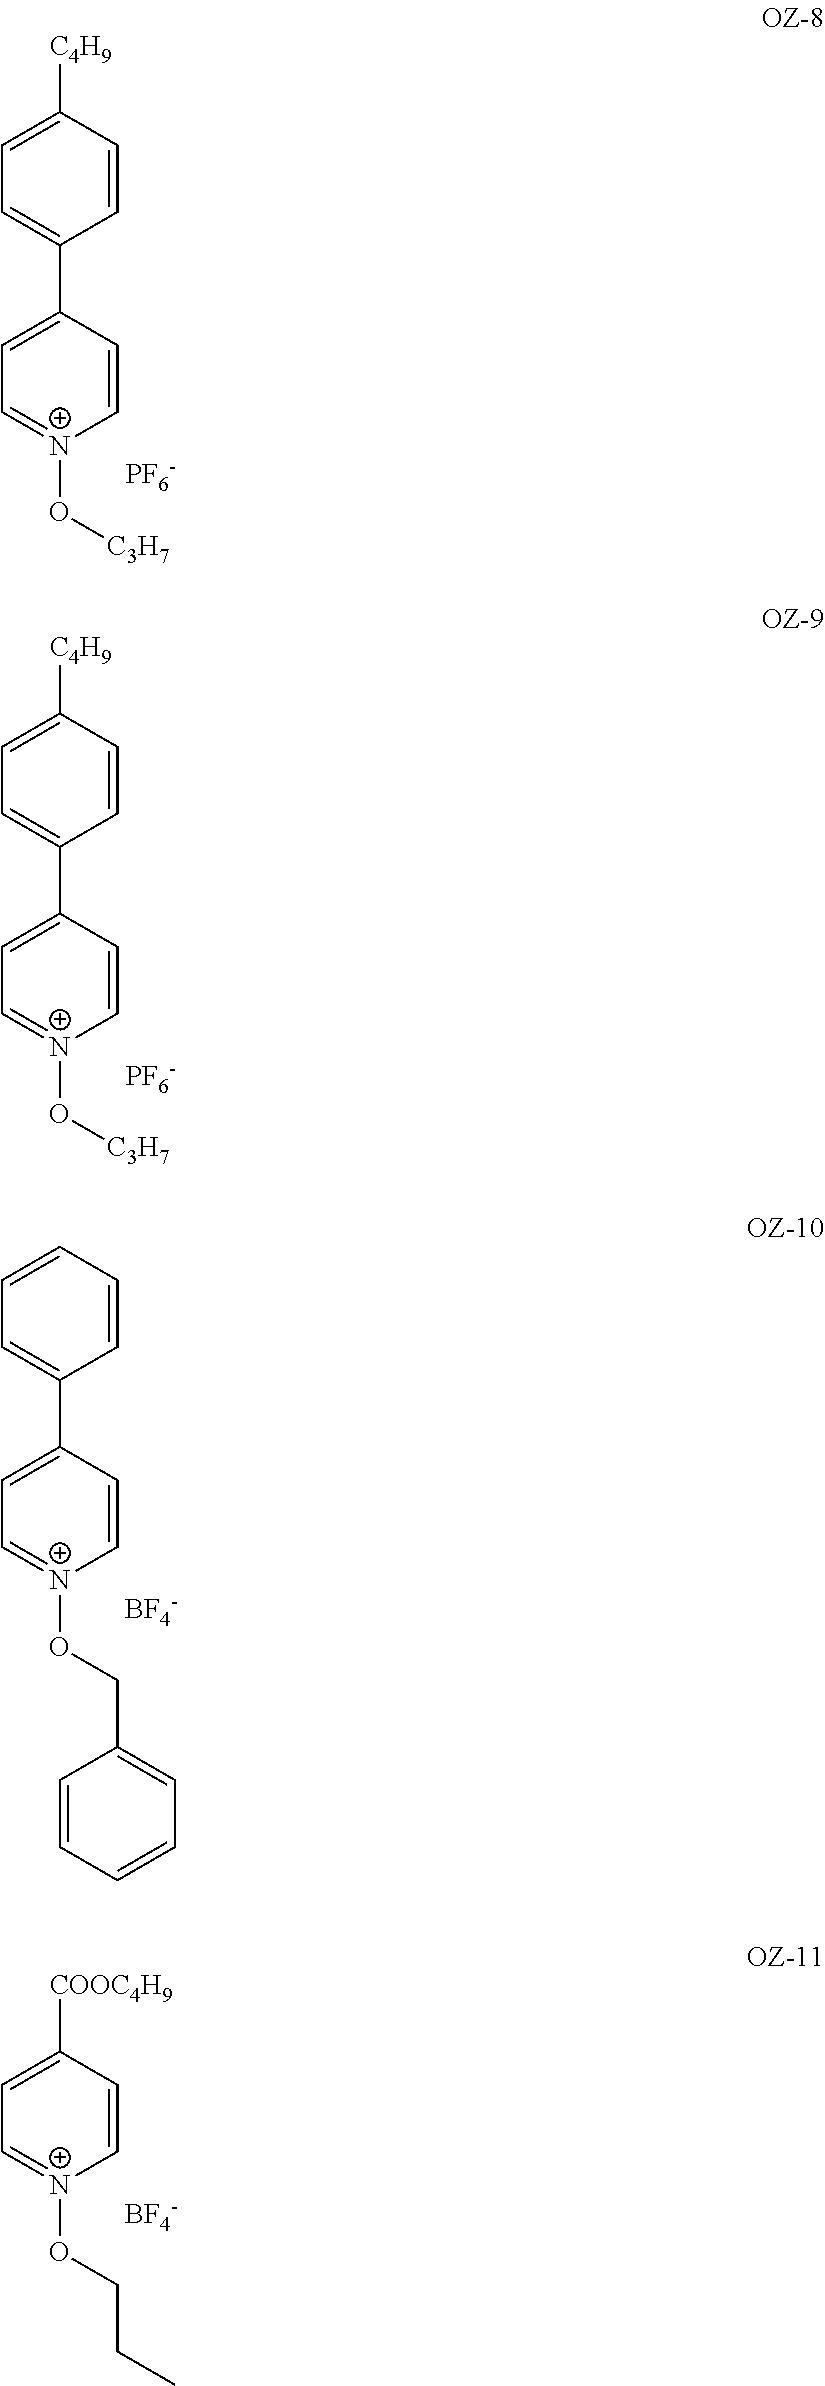 Figure US08399533-20130319-C00042